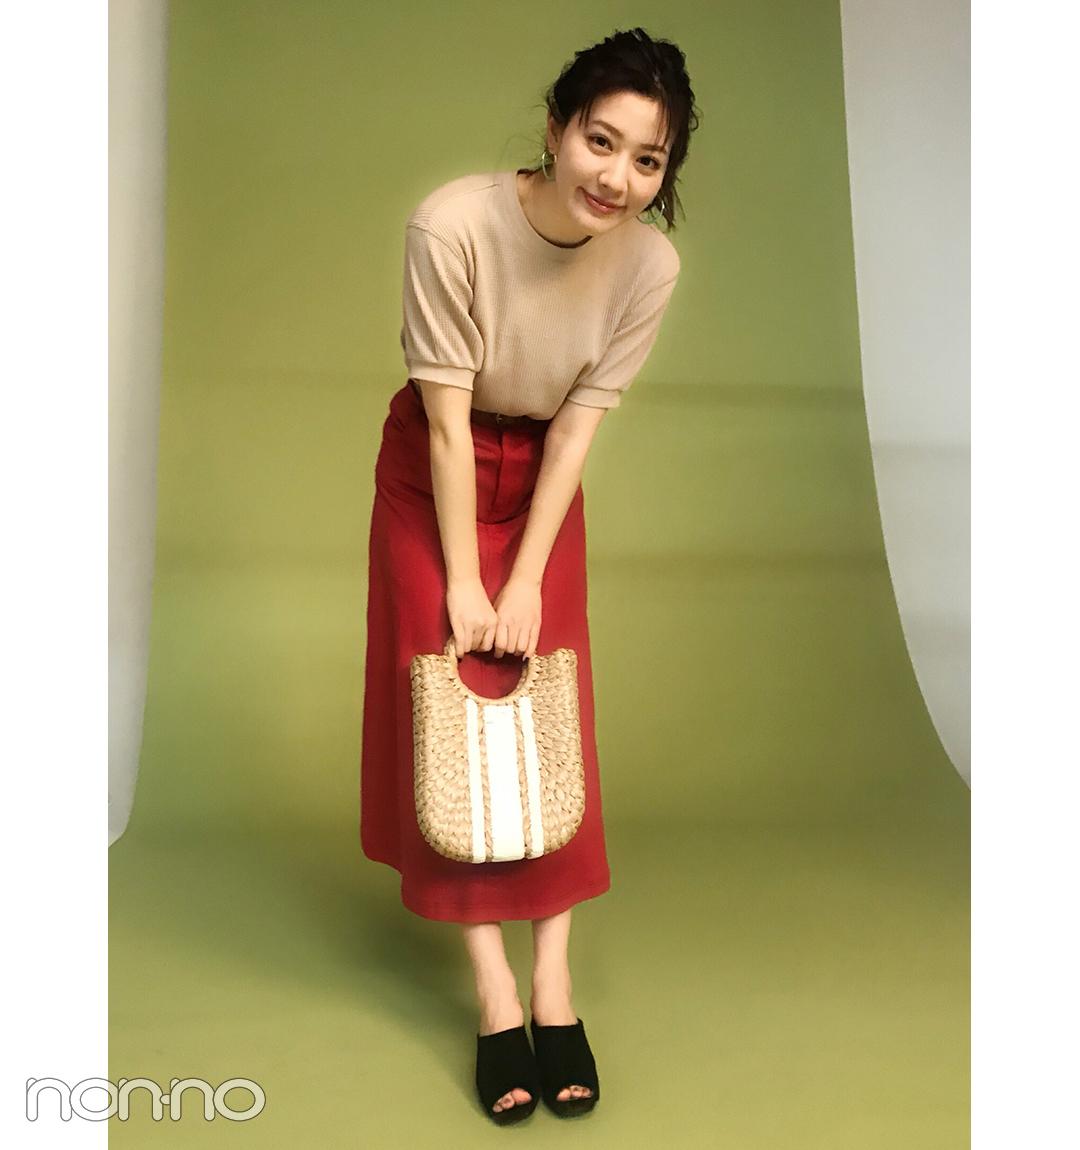 岡本杏理は赤スカートをサーマルでカジュアルに【毎日コーデ】_1_1